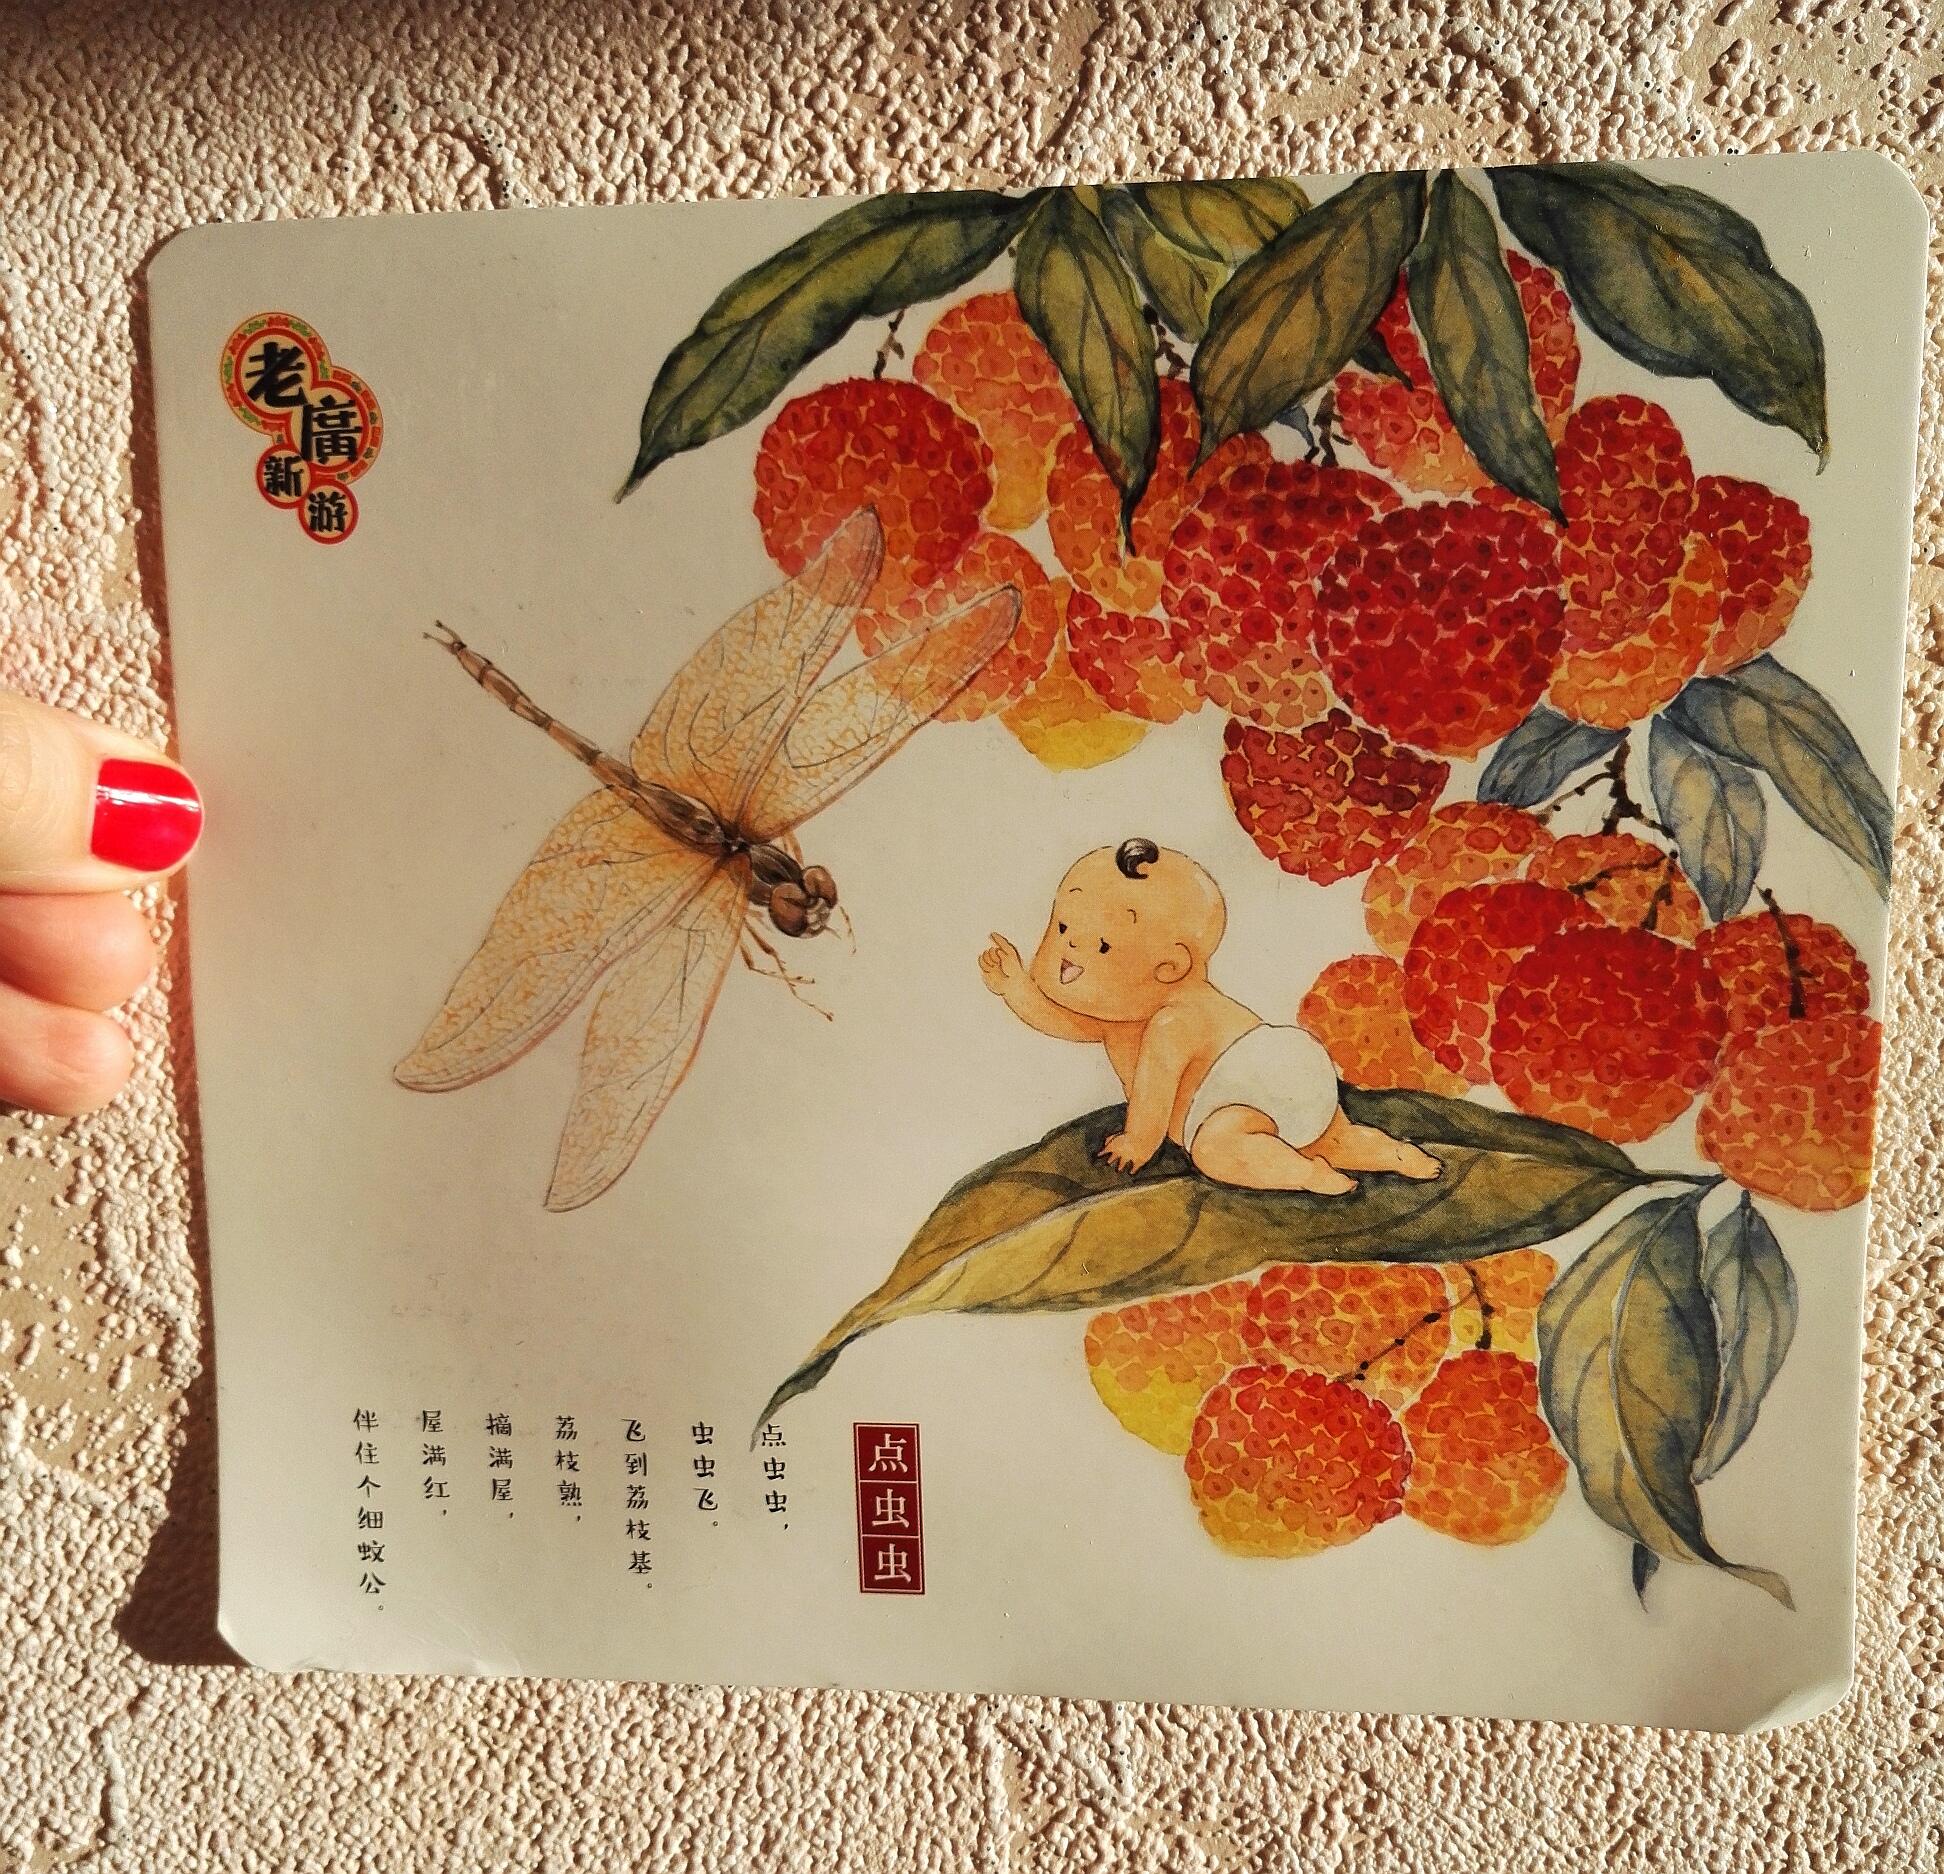 тому, купить старые открытки из китая самом начале нужно